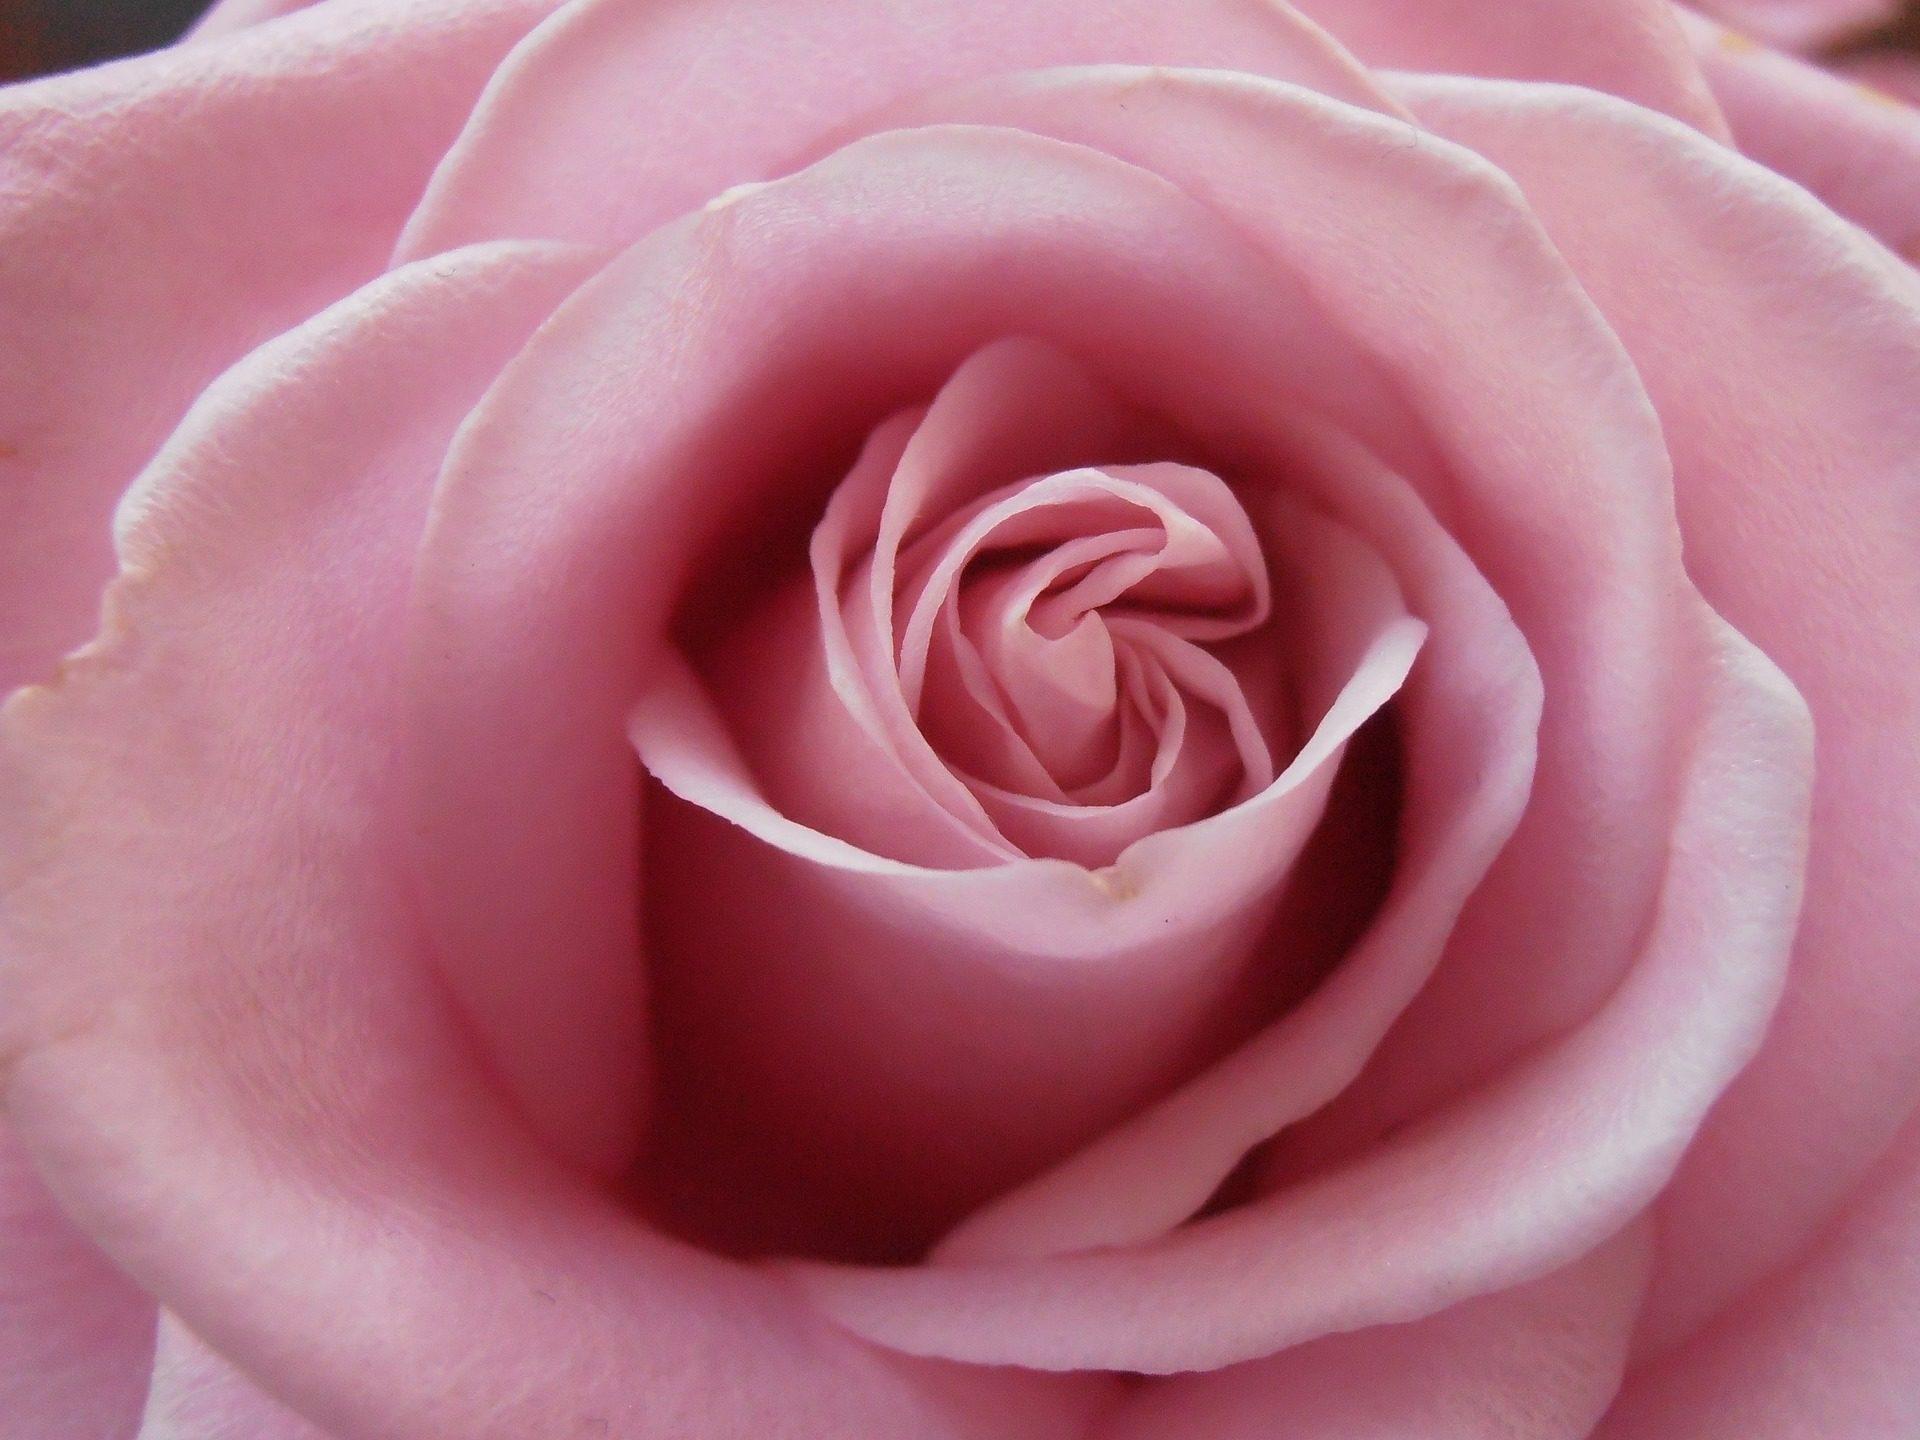 罗莎, 花, 花瓣, 形式, 关于 - 高清壁纸 - 教授-falken.com